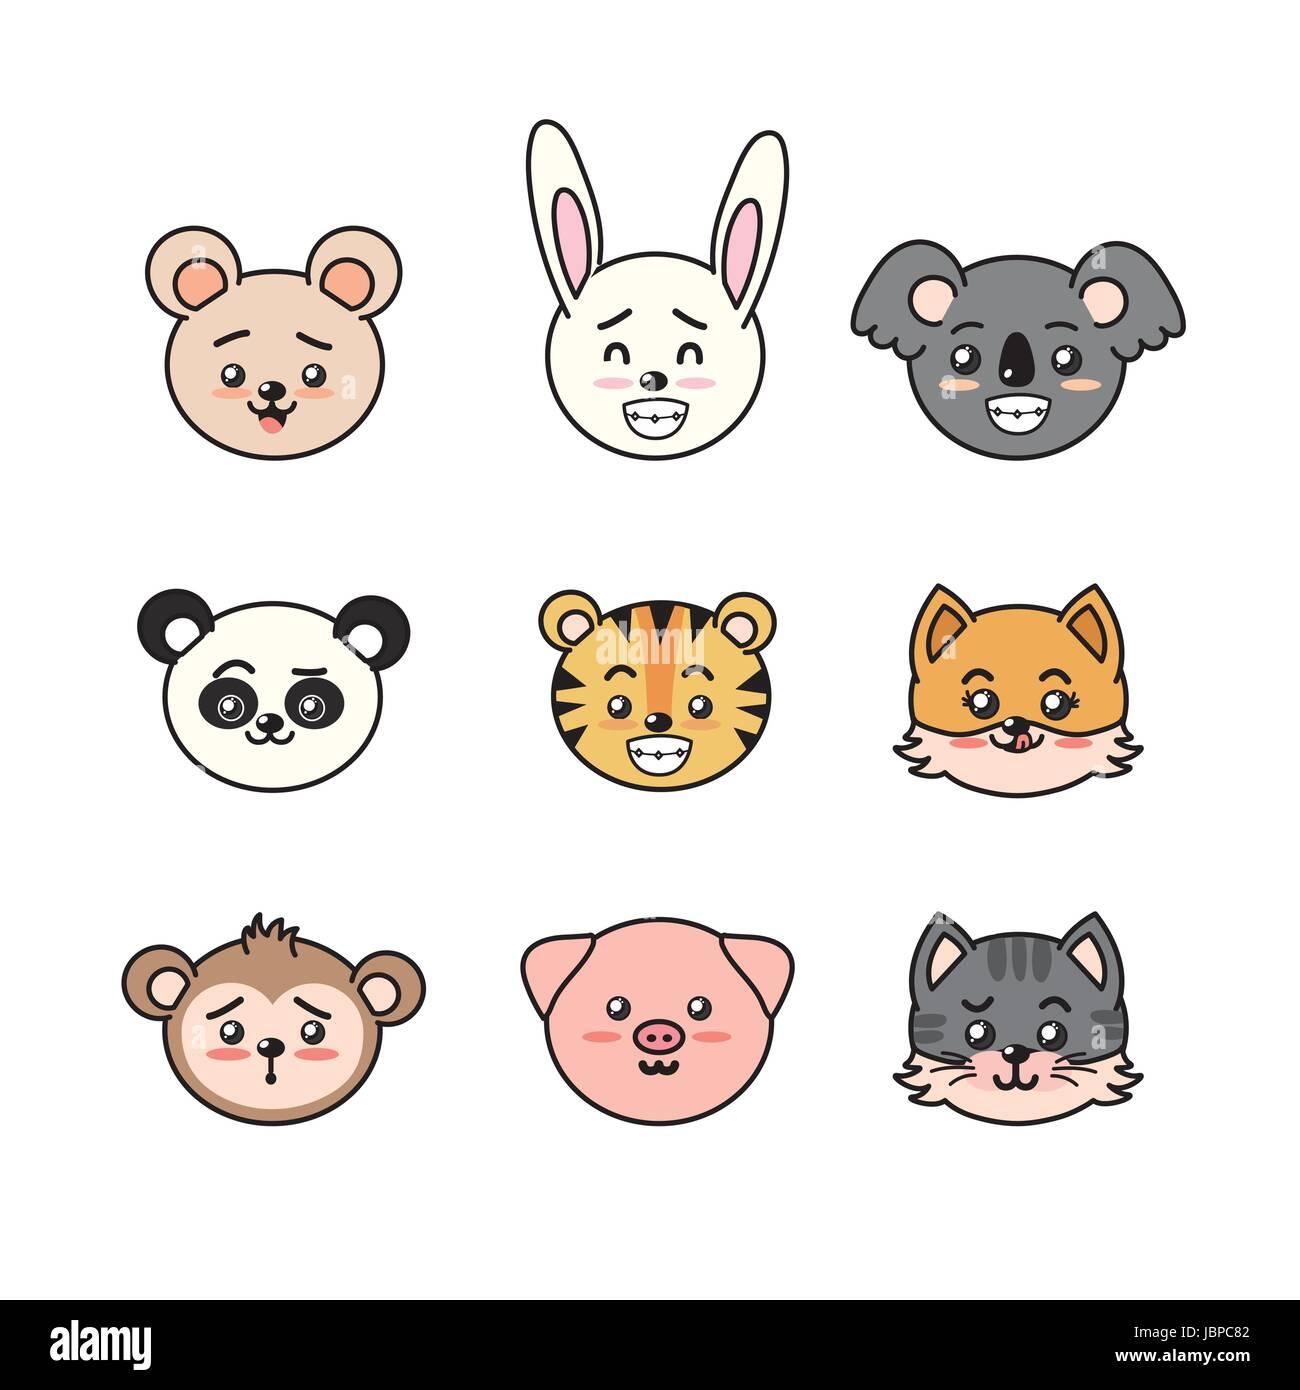 Süß Und Zart Tiere Mit Ausdrücken Festlegen Vektor Abbildung